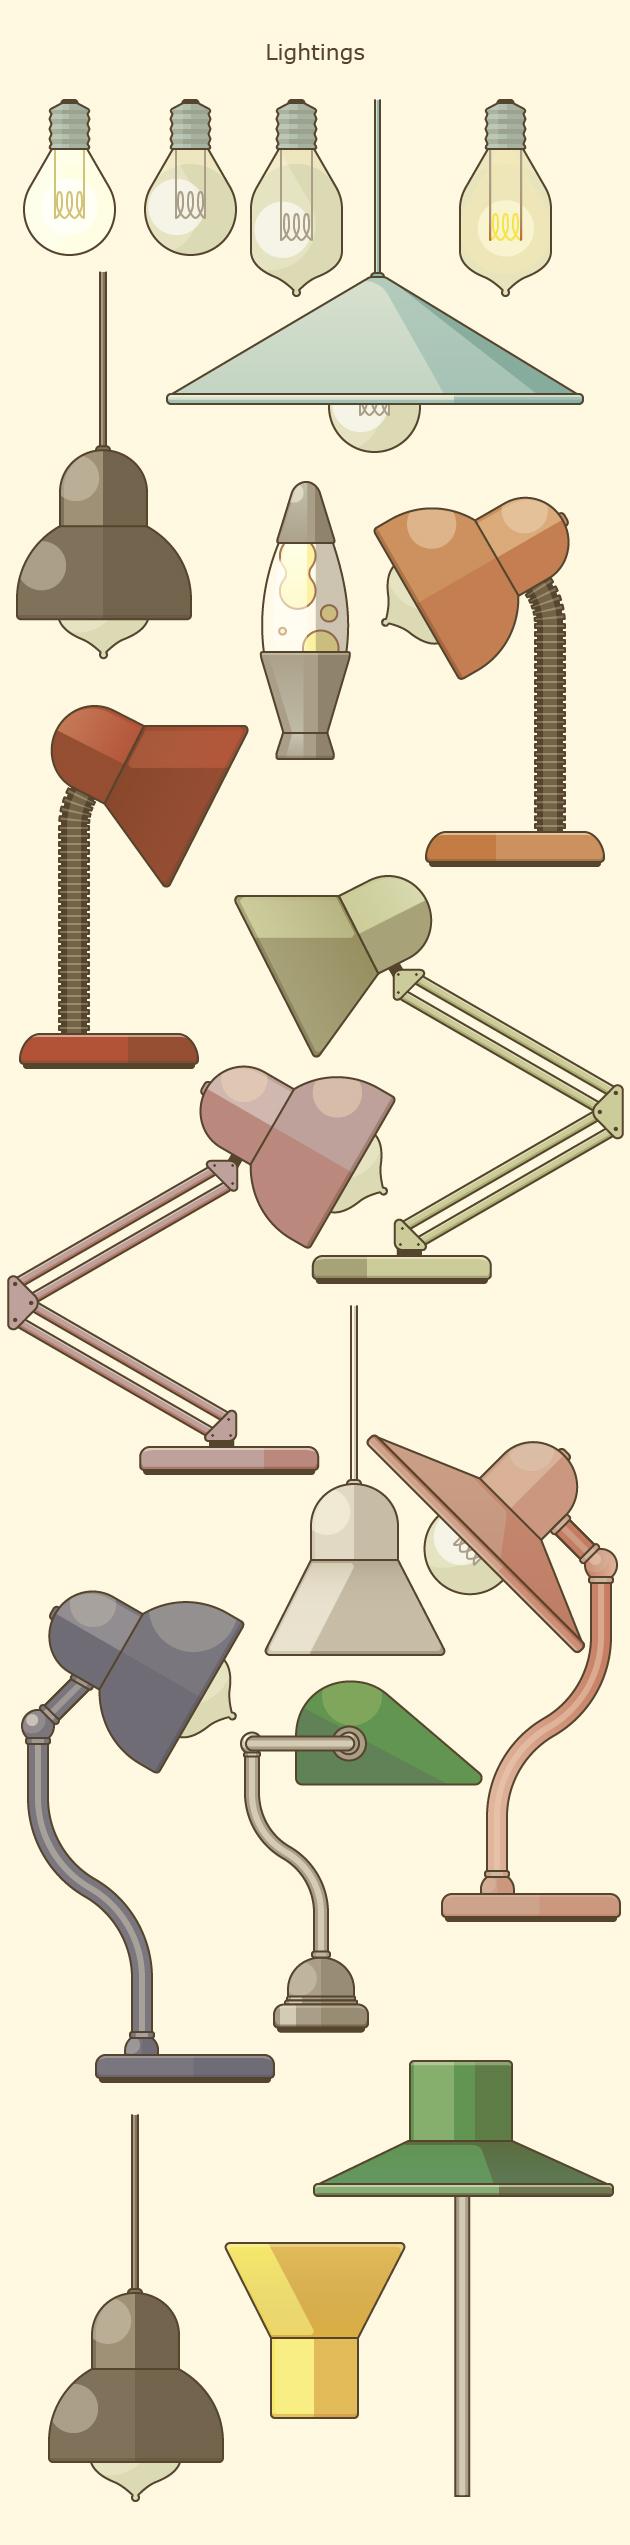 lamps_vectors-01